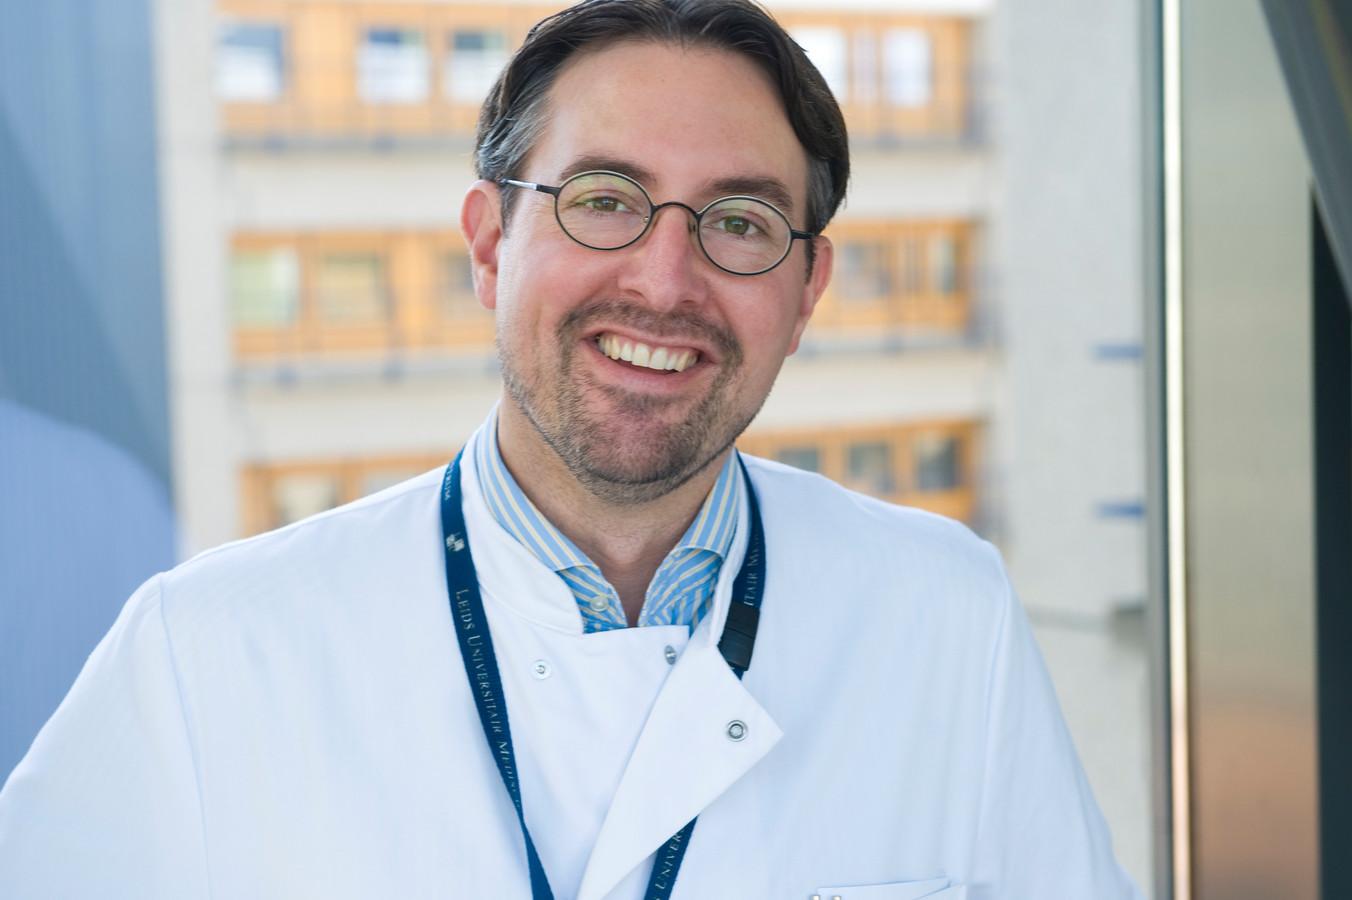 Mark de Boer is internist-infectioloog in het LUMC in Leiden en voorzitter van de SWAB. De SWAB is een landelijk team van experts dat adviezen opstelt voor het gebruik van medicijnen bij coronapatiënten in ziekenhuizen.